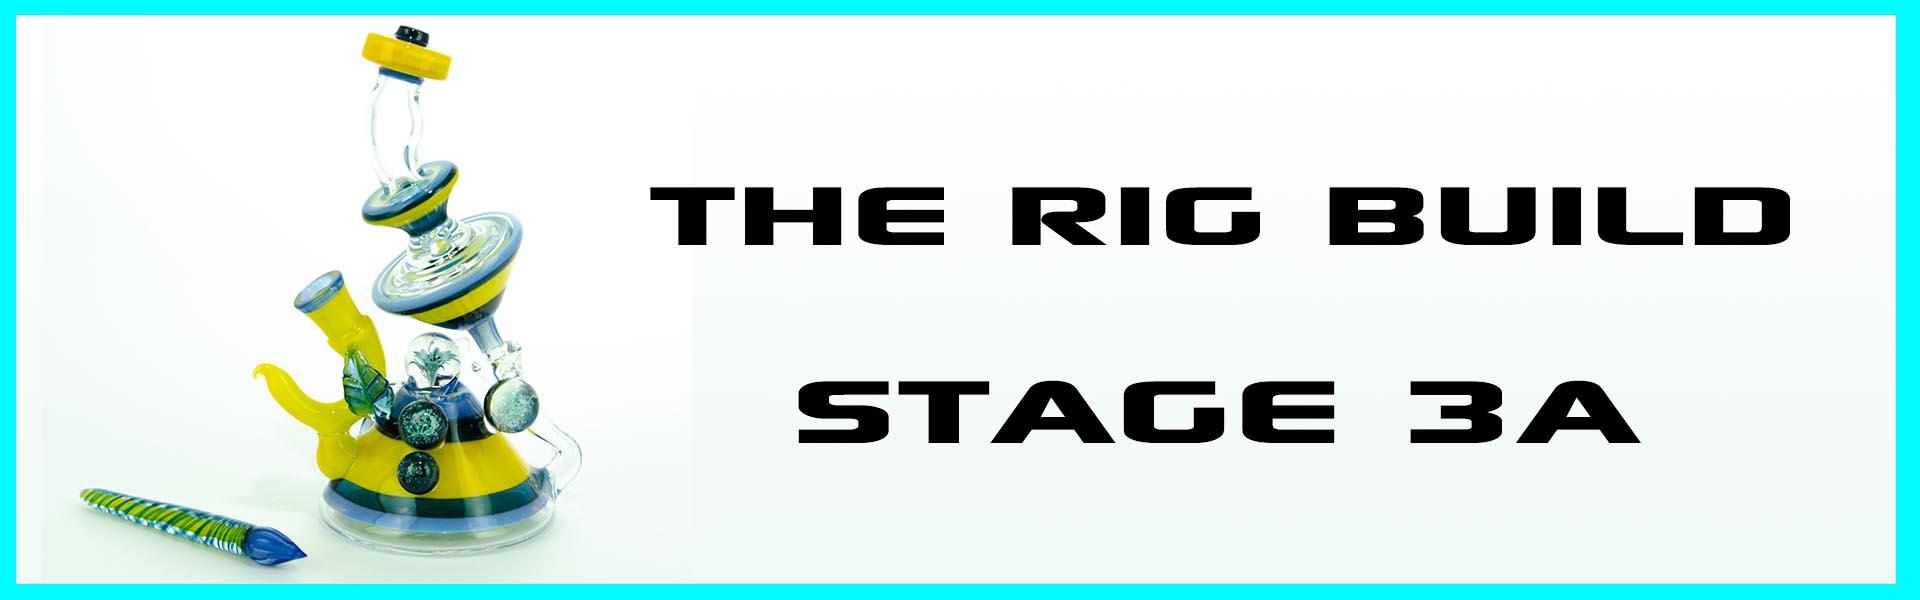 stage-3-rig-build2.jpg